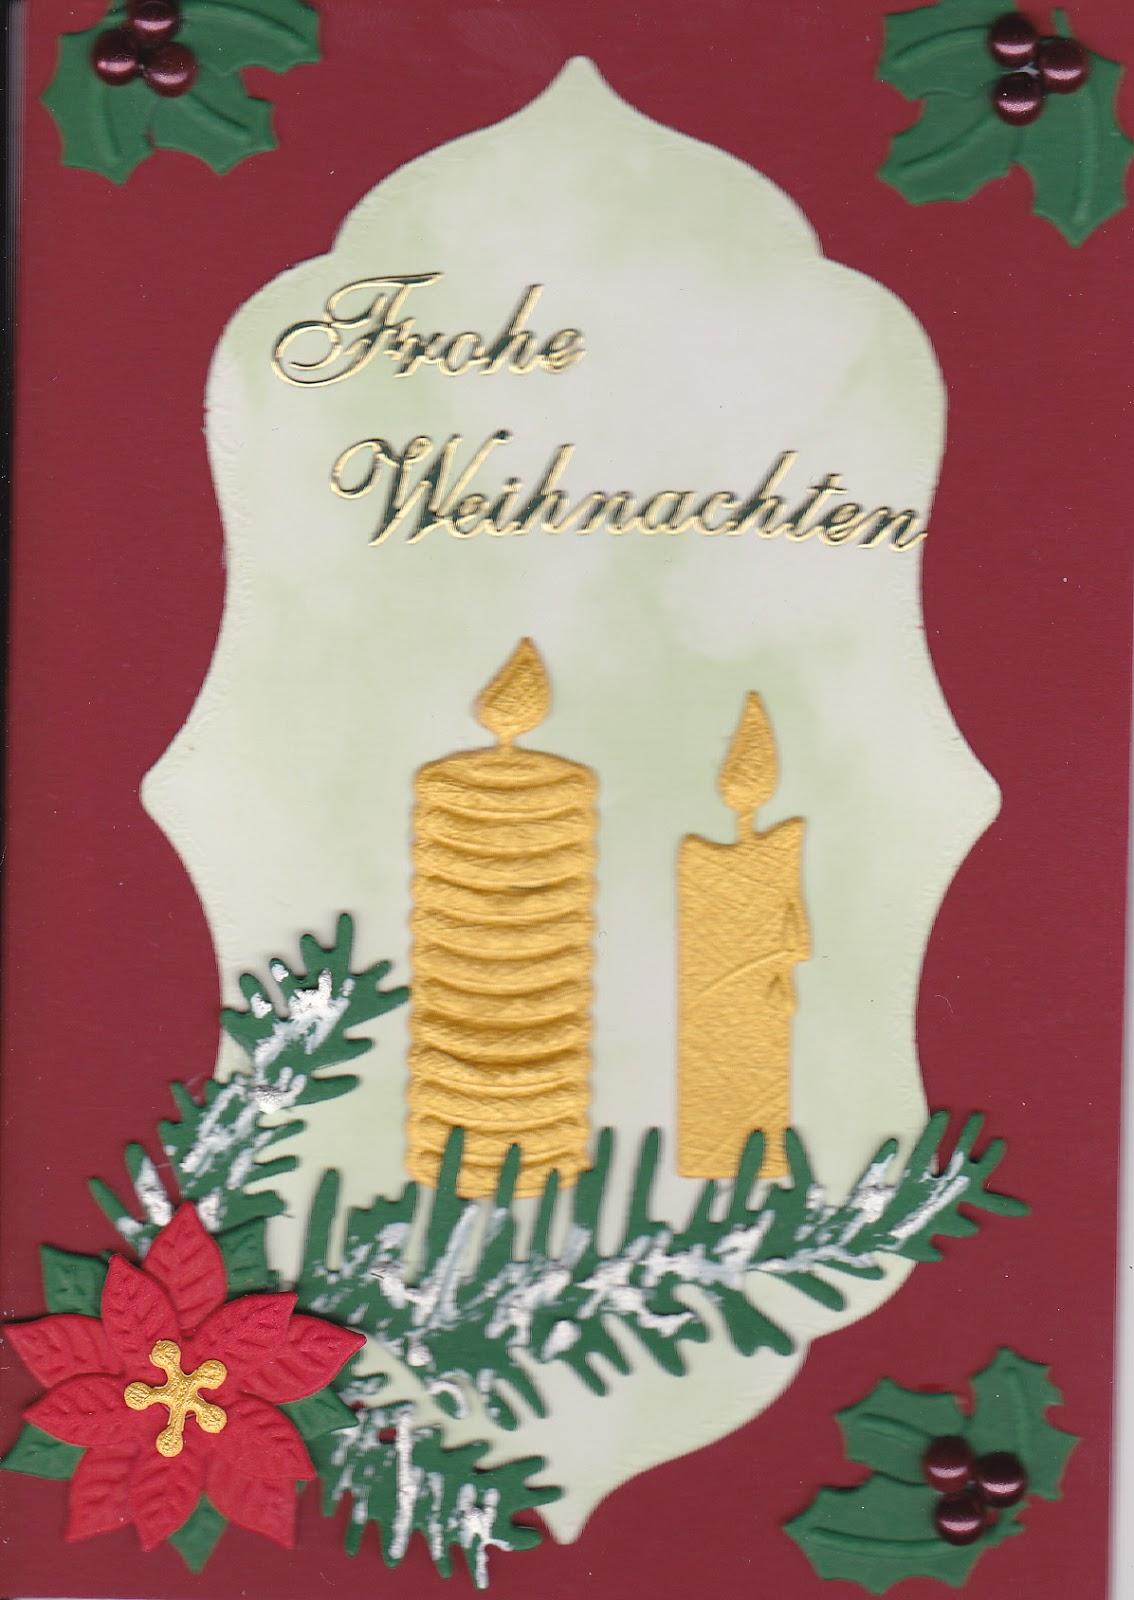 Gebastelte Weihnachtskarten.Trici Kreativ Es Gibt Doch Gebastelte Weihnachtskarten